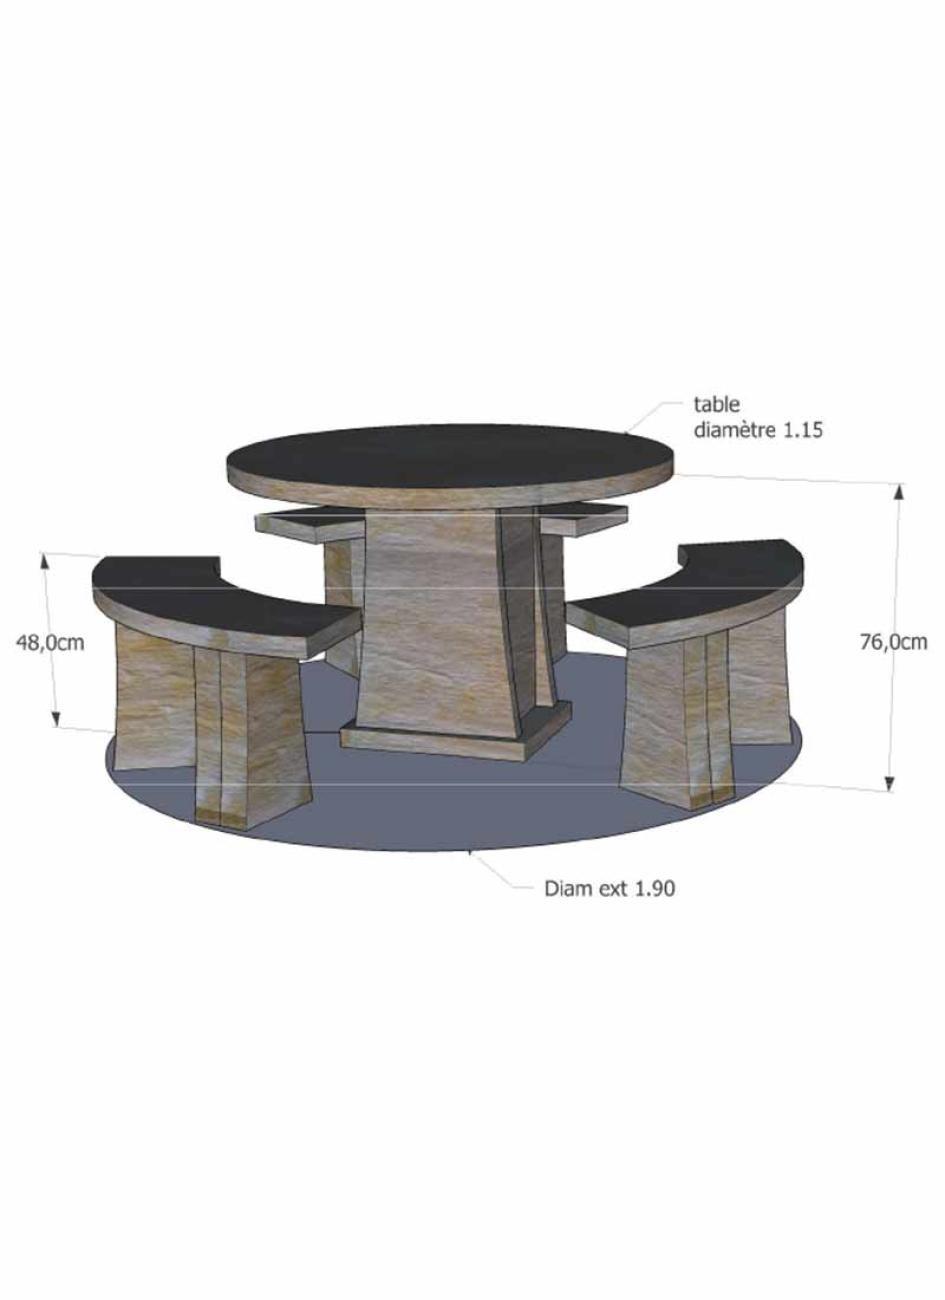 salon de jardin en pierre reconstitu e tables et bancs en. Black Bedroom Furniture Sets. Home Design Ideas